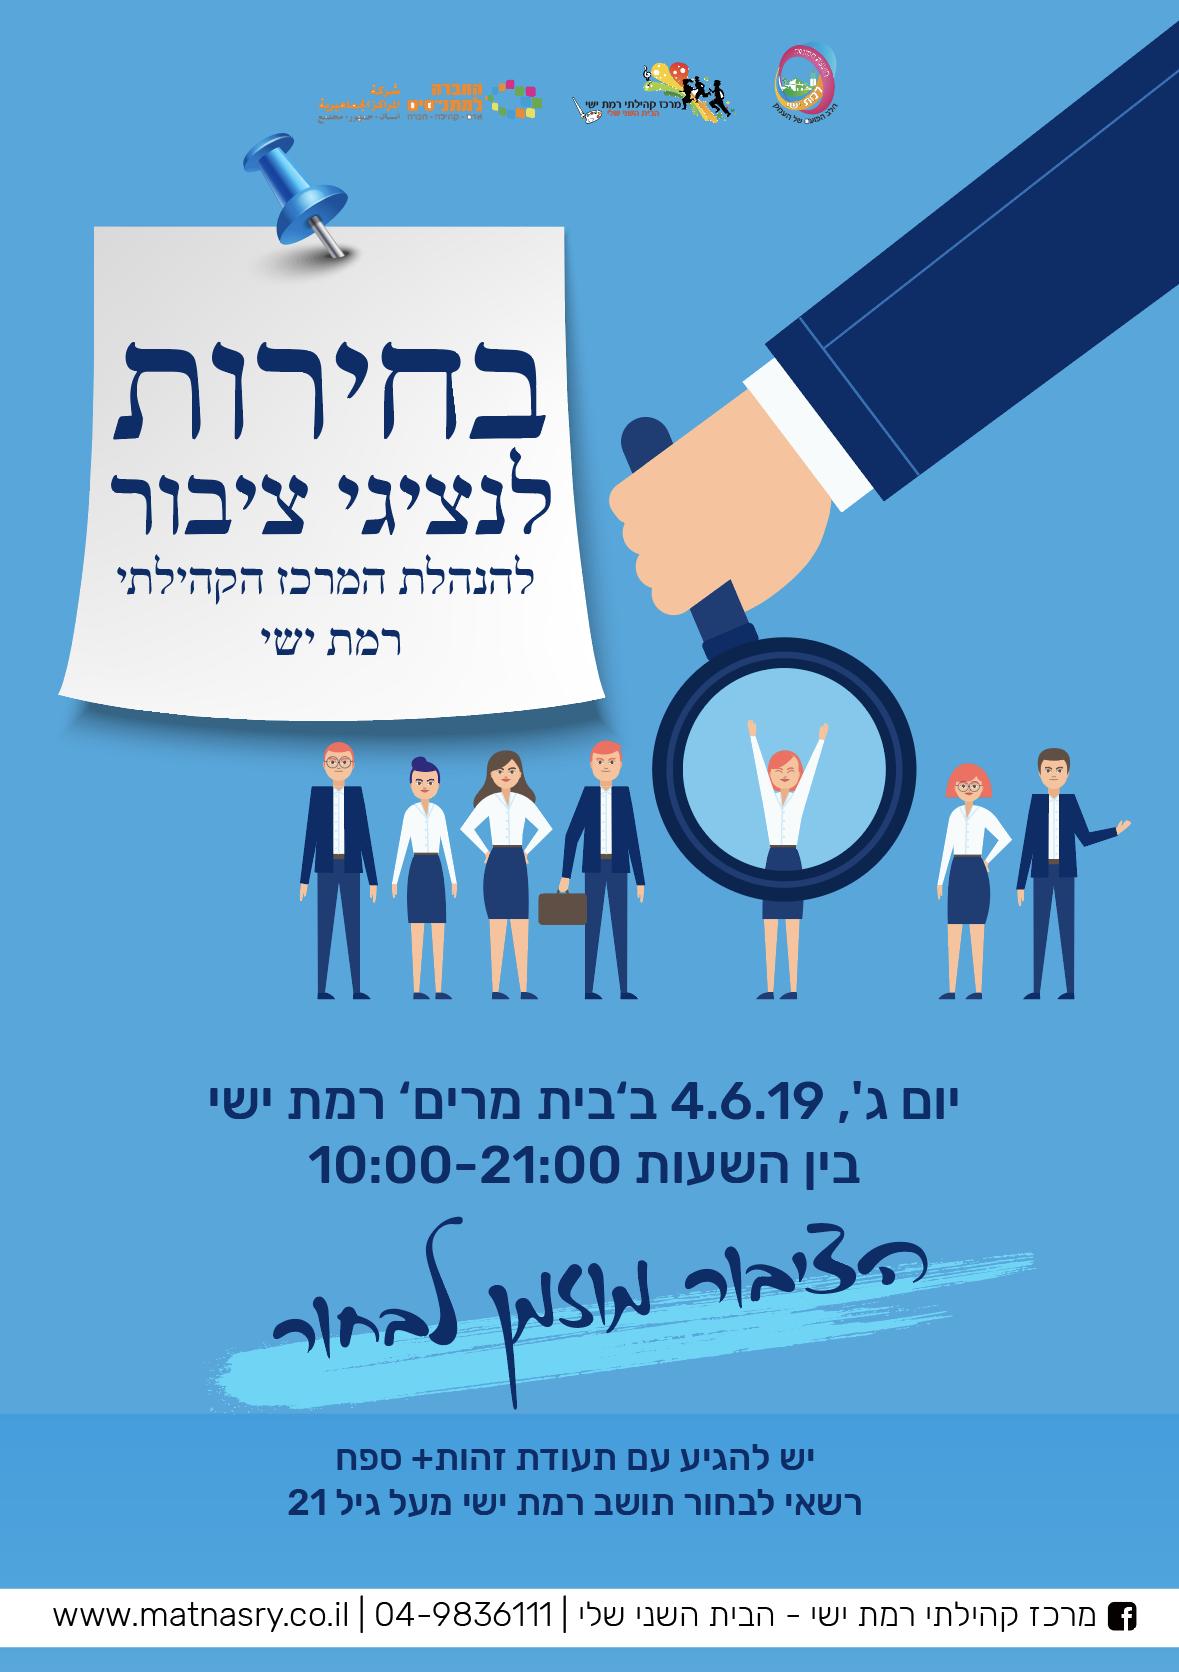 הזמנה לבחירות לנציגי ציבור להנהלת המרכז הקהילתי